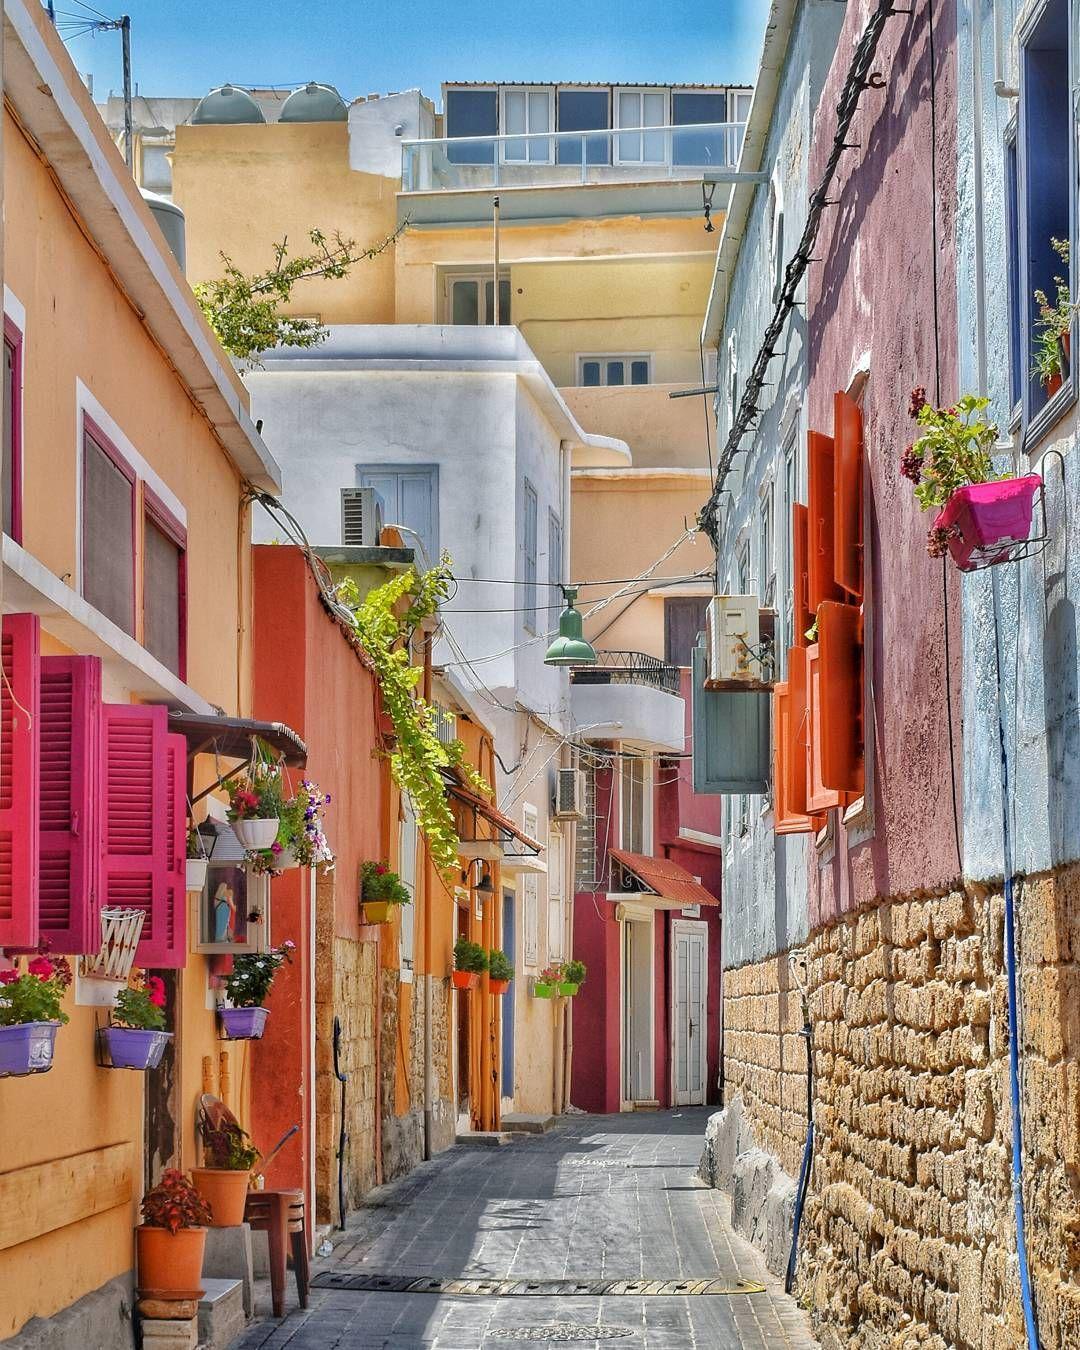 Pin On Wanderlust Lebanon